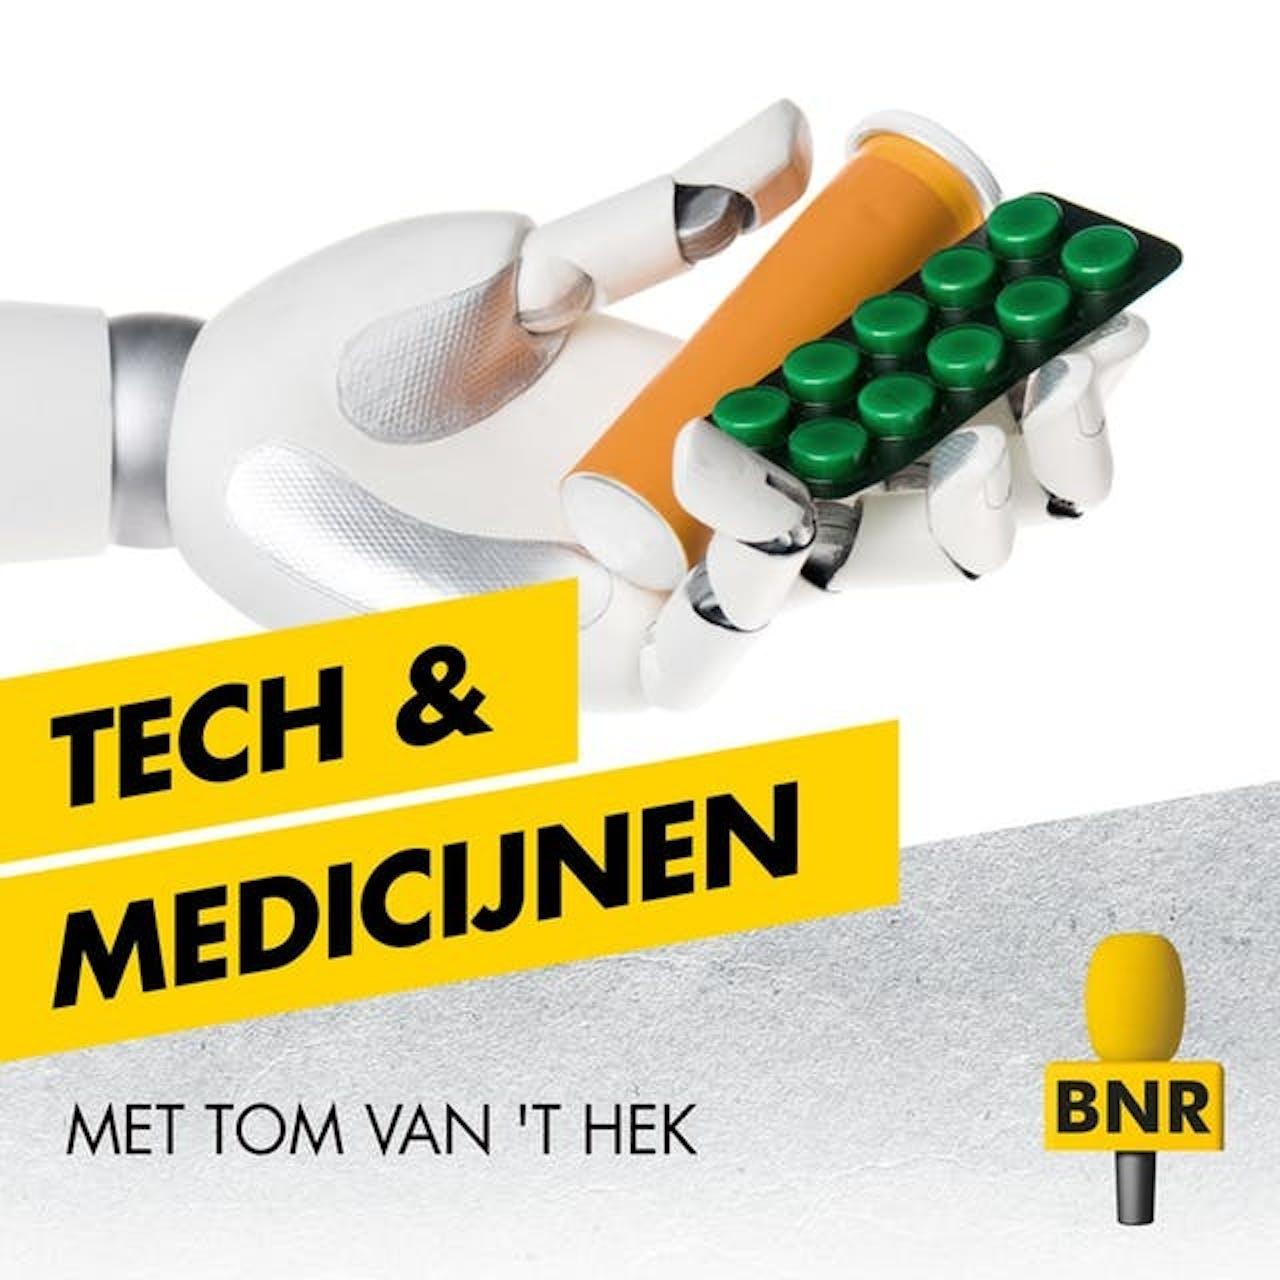 Tech & Medicijnen is een podcast over de toekomst van zorg en medicijnen. Host: Tom van 't Hek.